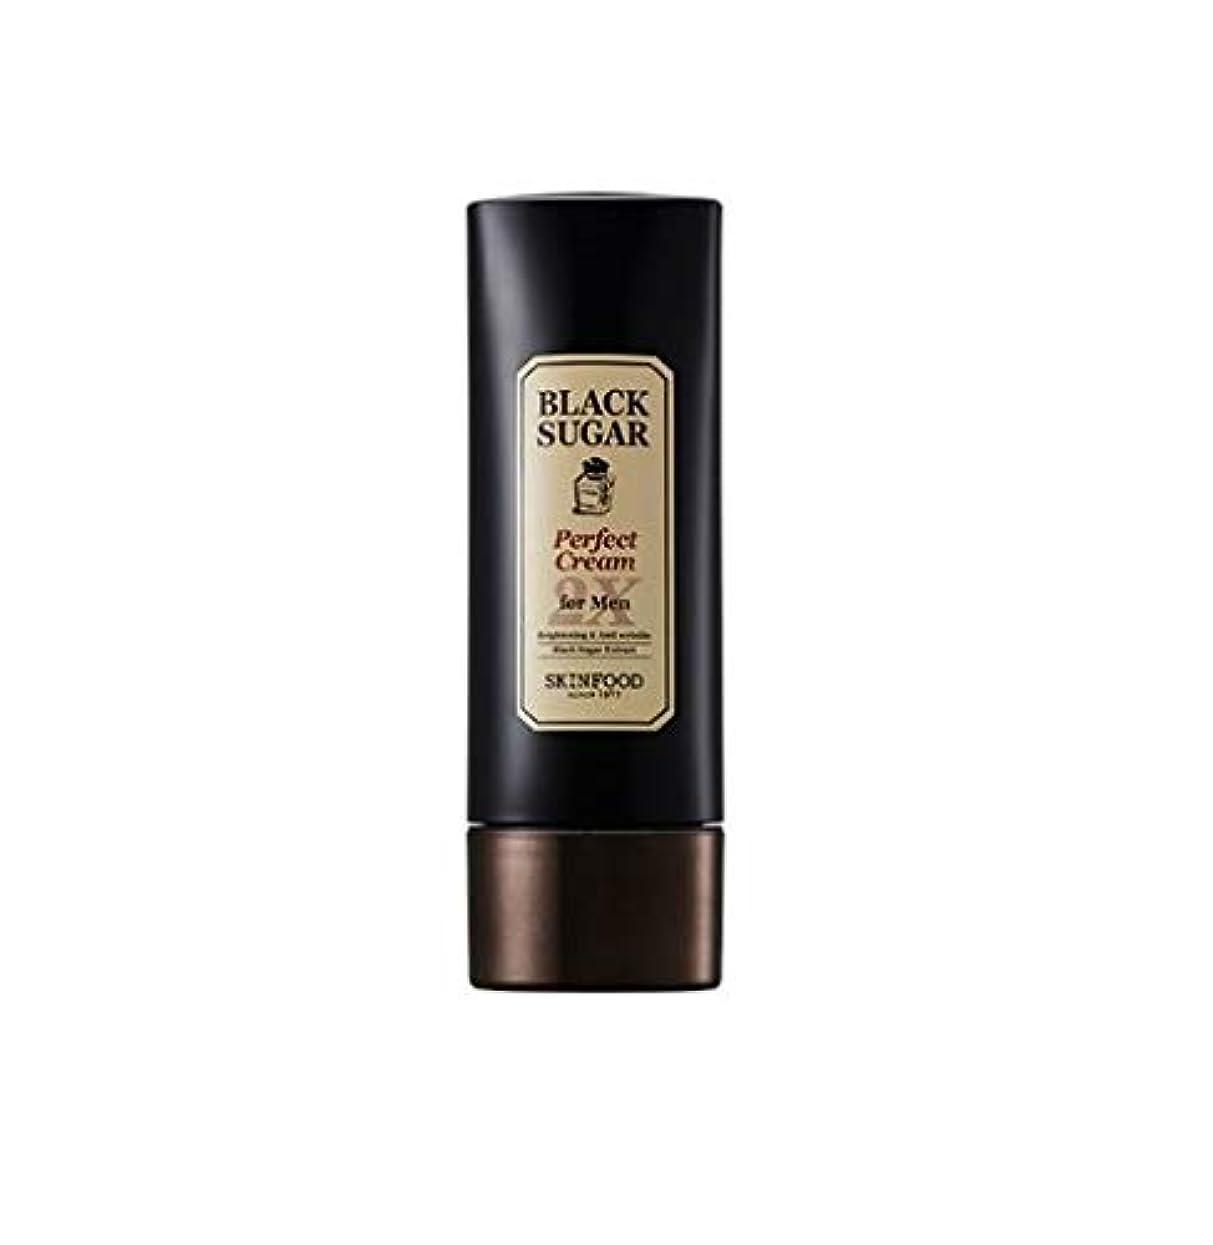 潜在的な安定した地下Skinfood 男性用ブラックシュガーパーフェクトクリーム2X / Black Sugar Perfect Cream 2X for Men 78ml [並行輸入品]